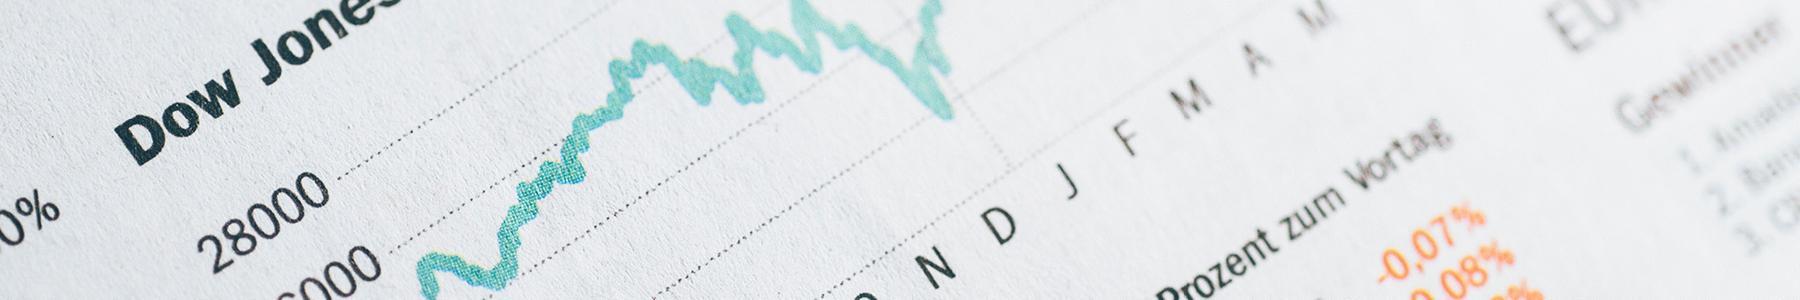 Third Quarter 2019: Market Newsletter Thumbnail